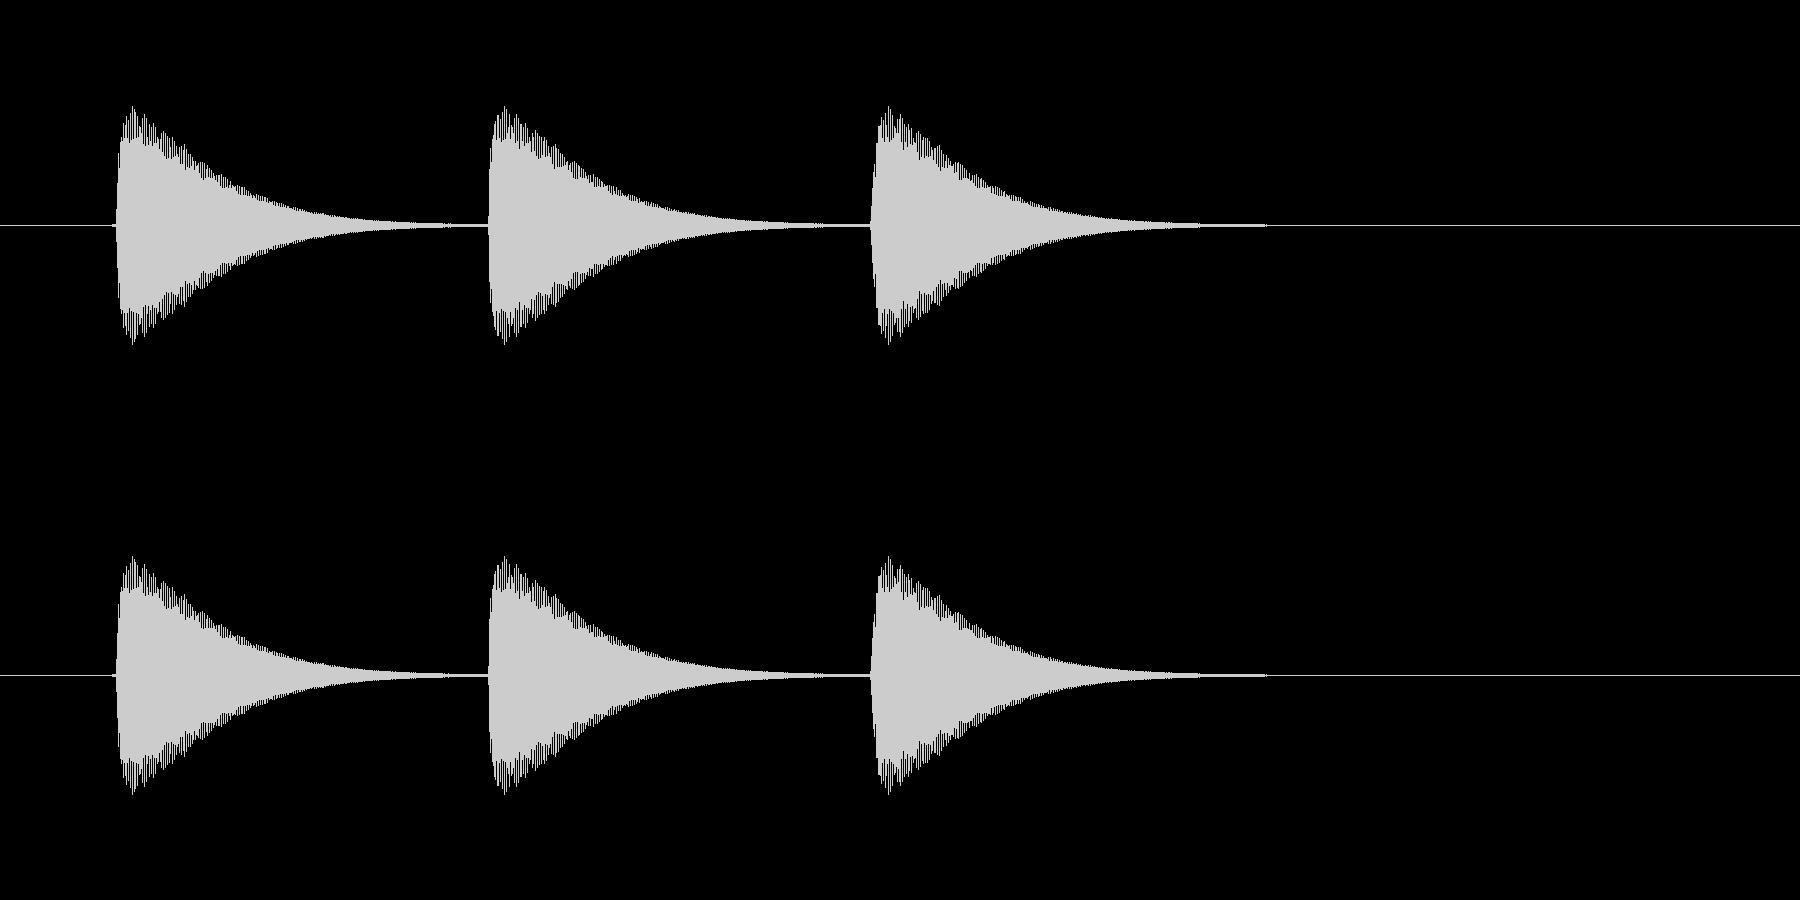 【ショートブリッジ13-4】の未再生の波形